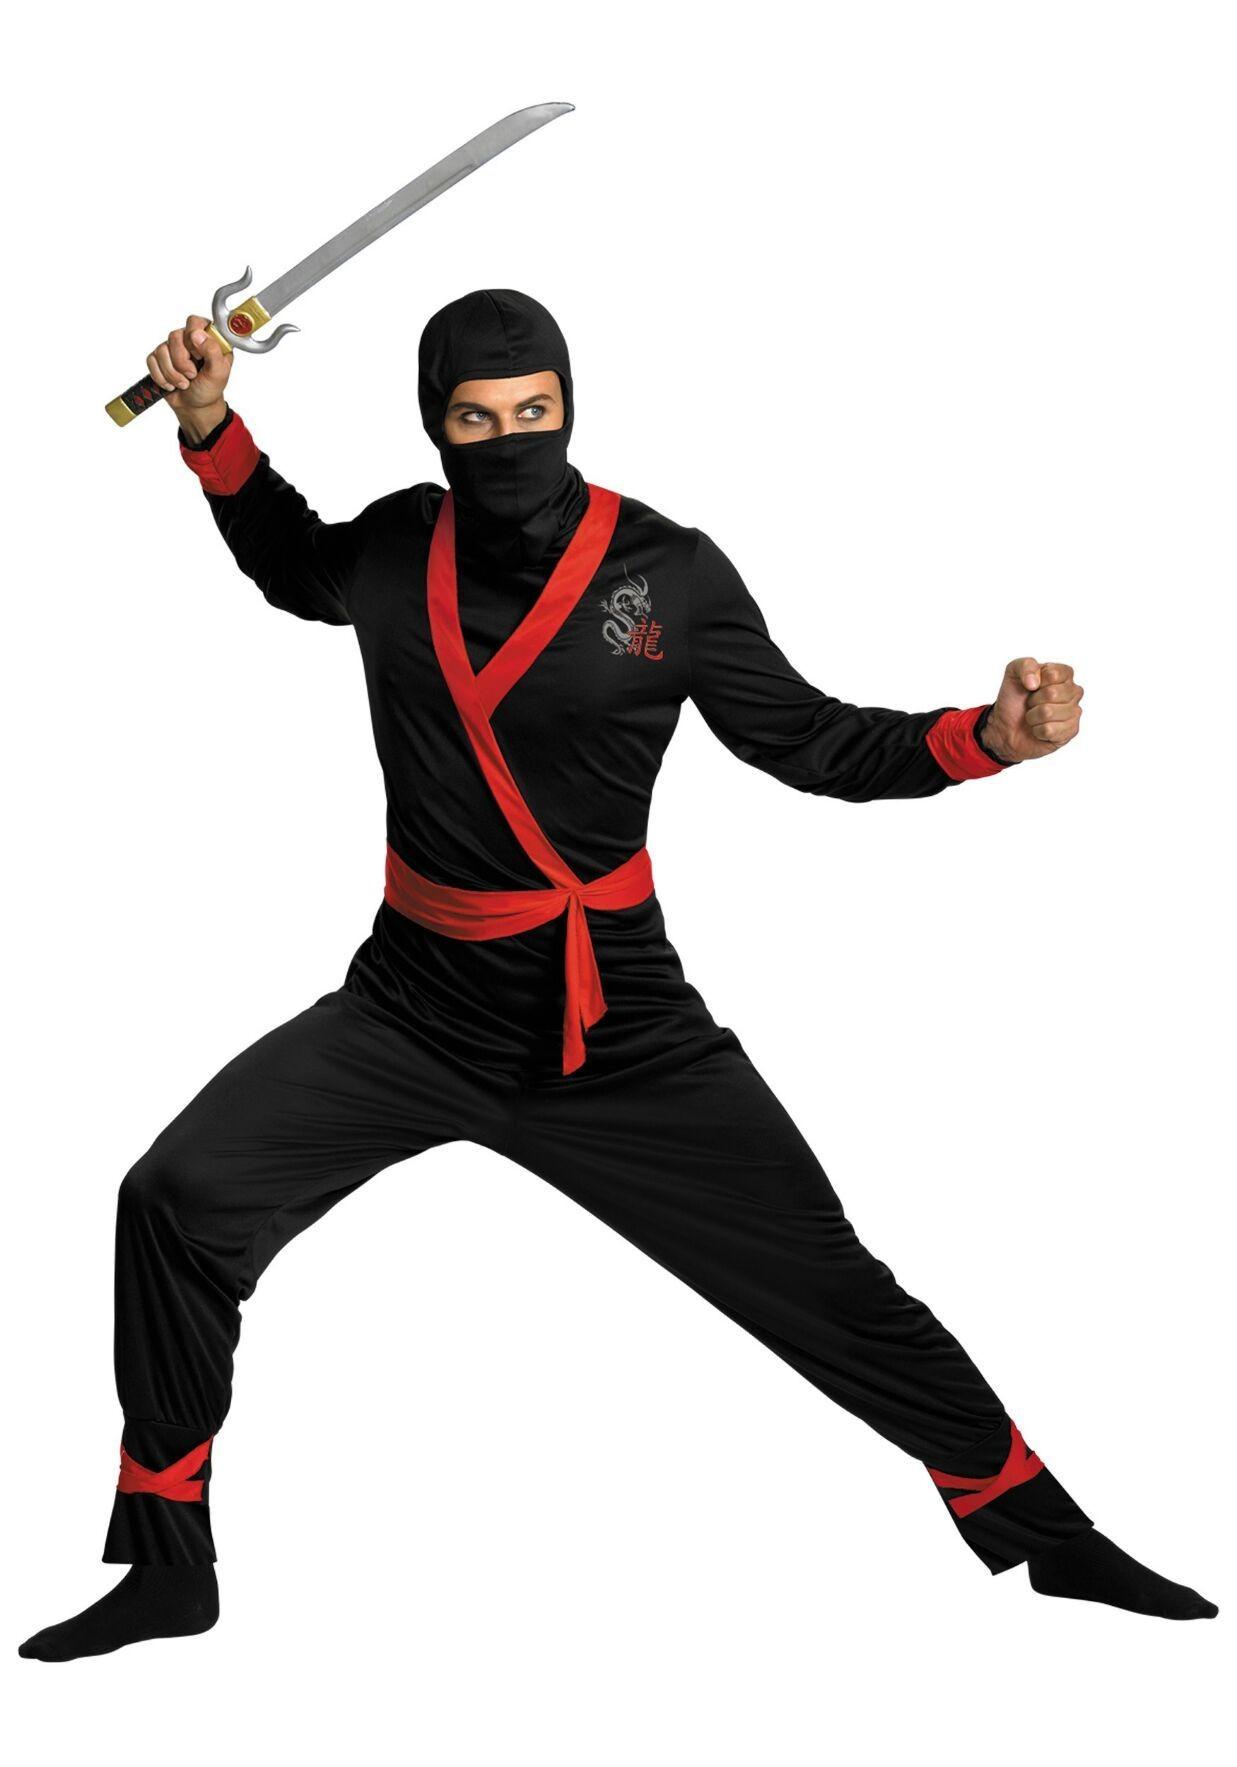 Ninja Team, Get them.